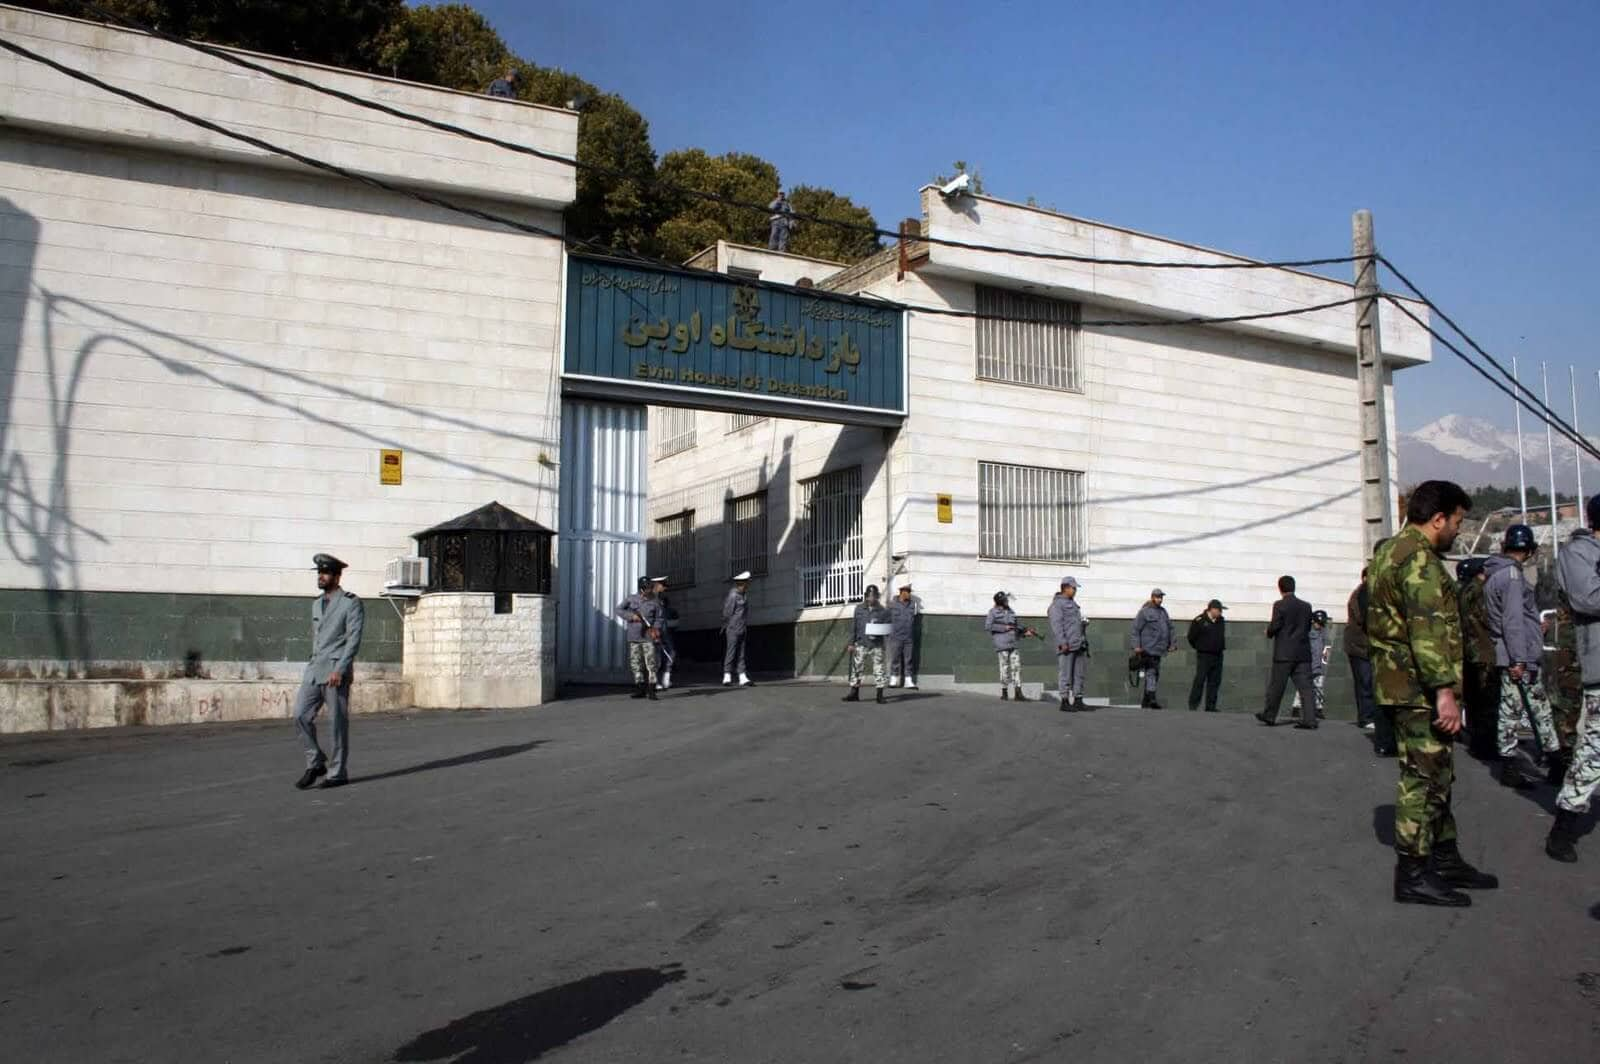 گزارشی کوتاه از بند زنان زندان اوین